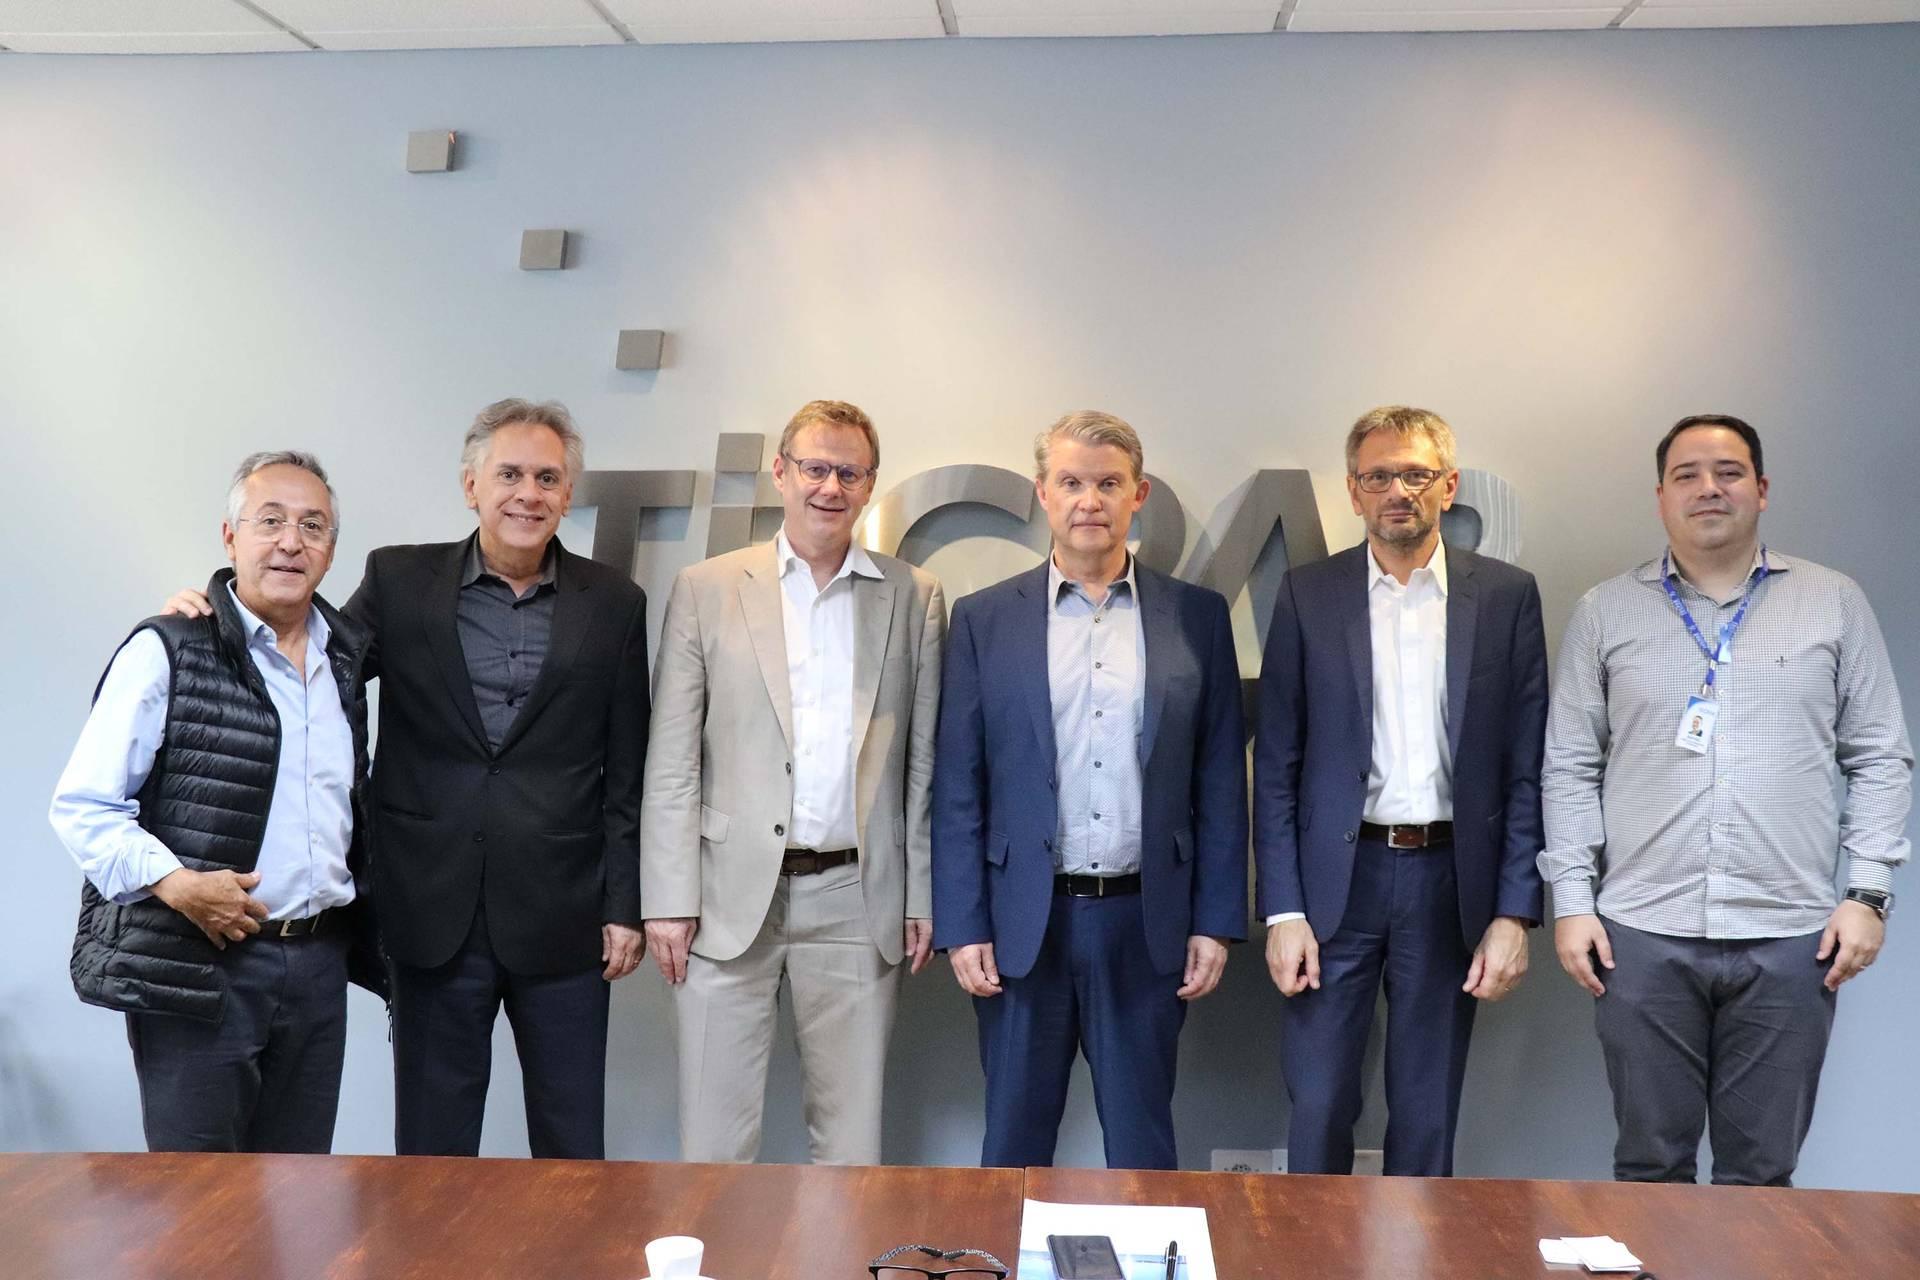 Representantes da Greater Geneva Berne area (GGBa) estiveram no Instituto de Tecnologia do Paraná para tratar de parcerias em especial nos setores de agricultura de precisão e biotecnologia.